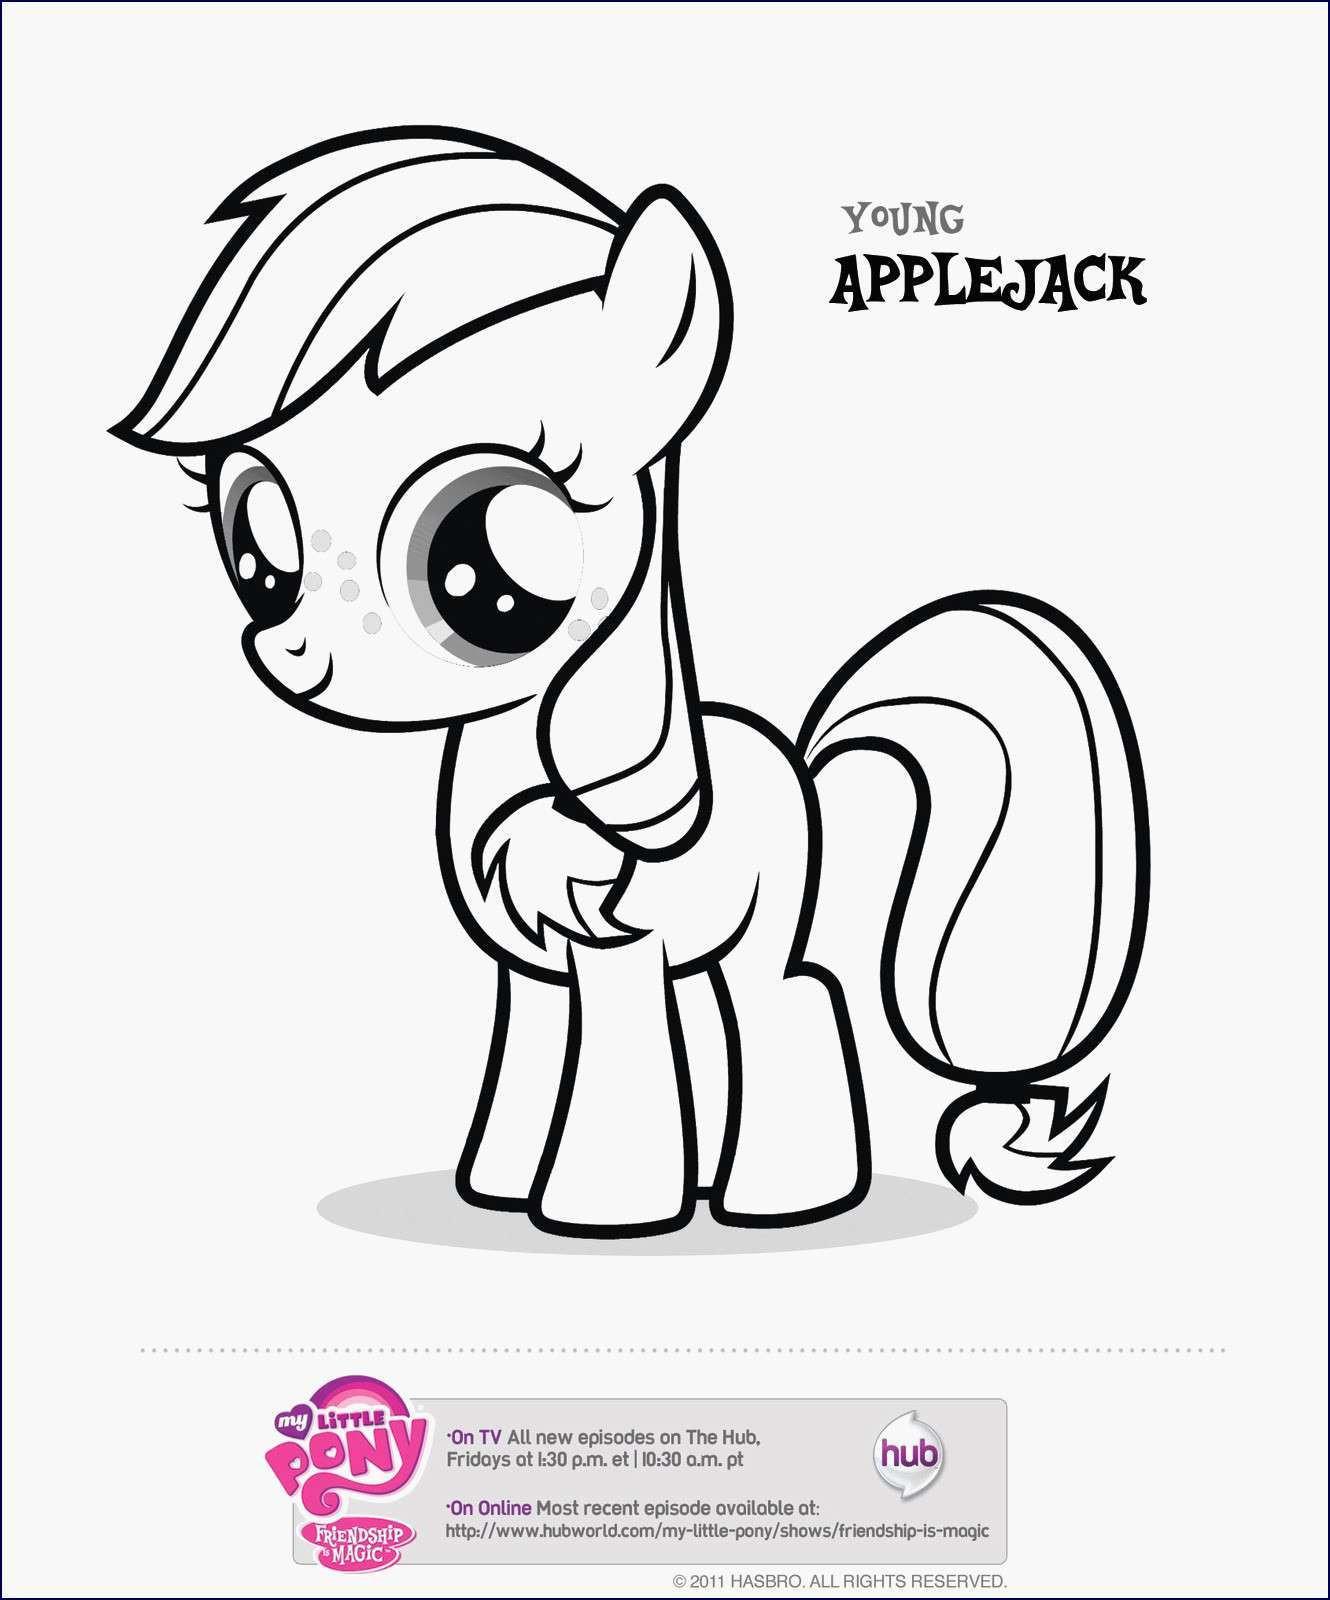 Equestria Girls Ausmalbilder Das Beste Von 36 Equestria Girls Fluttershy Coloring Pages Free Best Equestria Bild